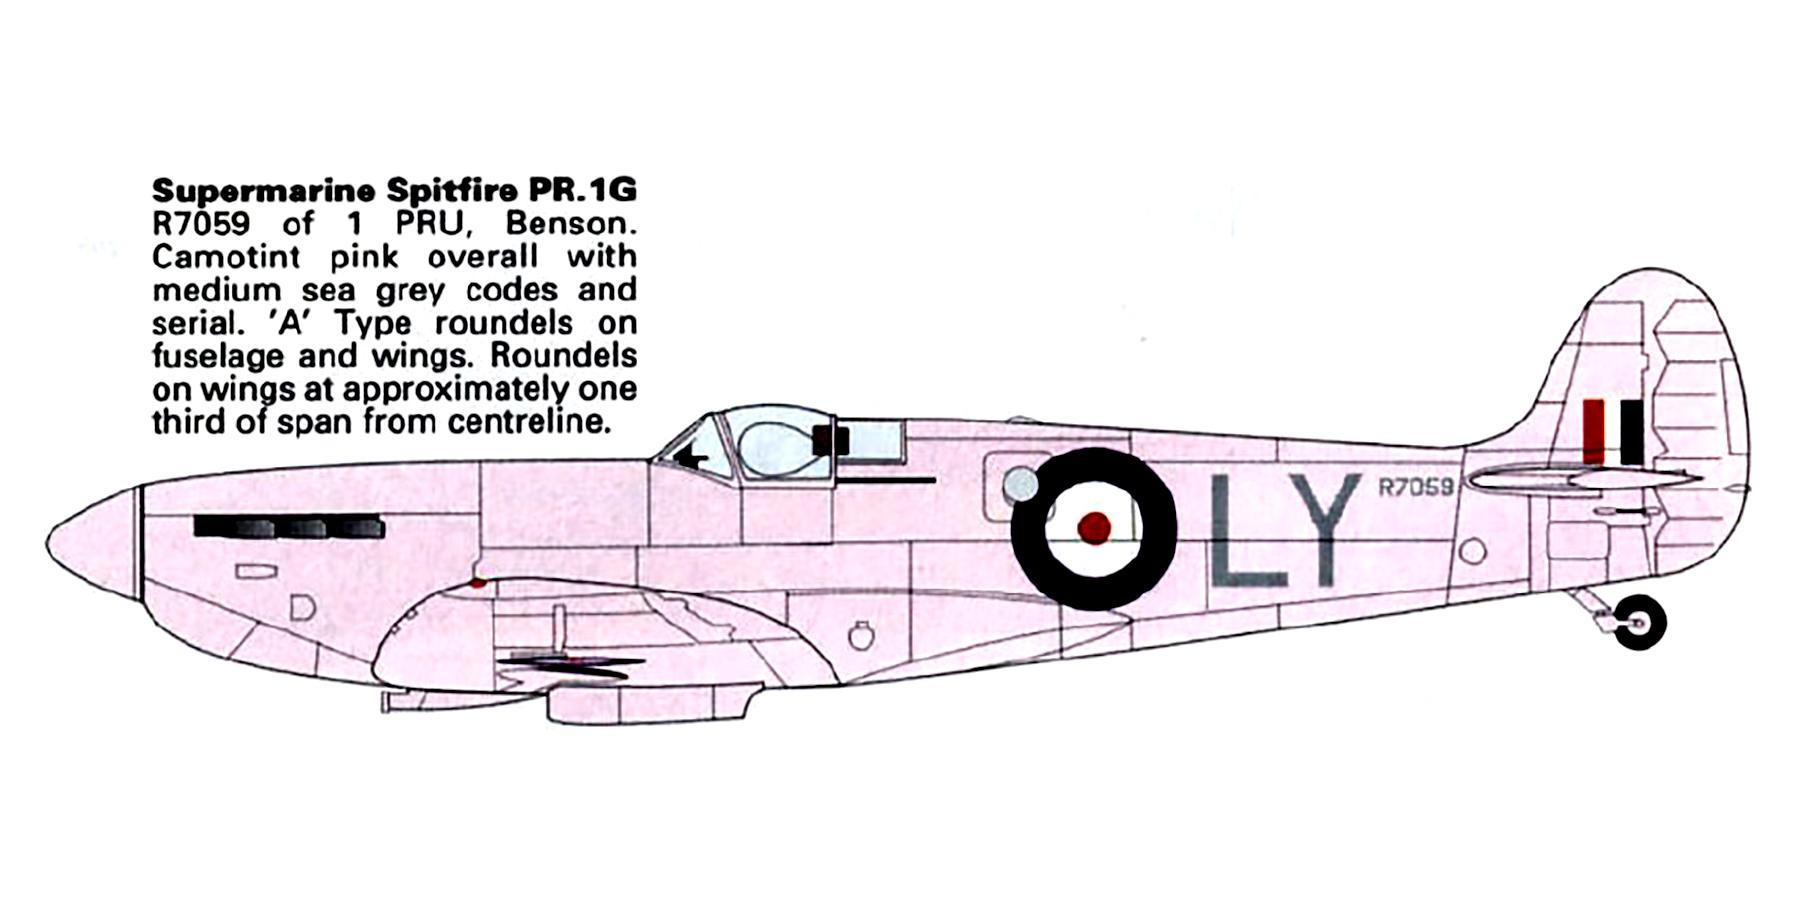 Spitfire PRIG RAF 1PRU LY R7059 St Eval Cornwall England 1941 0B